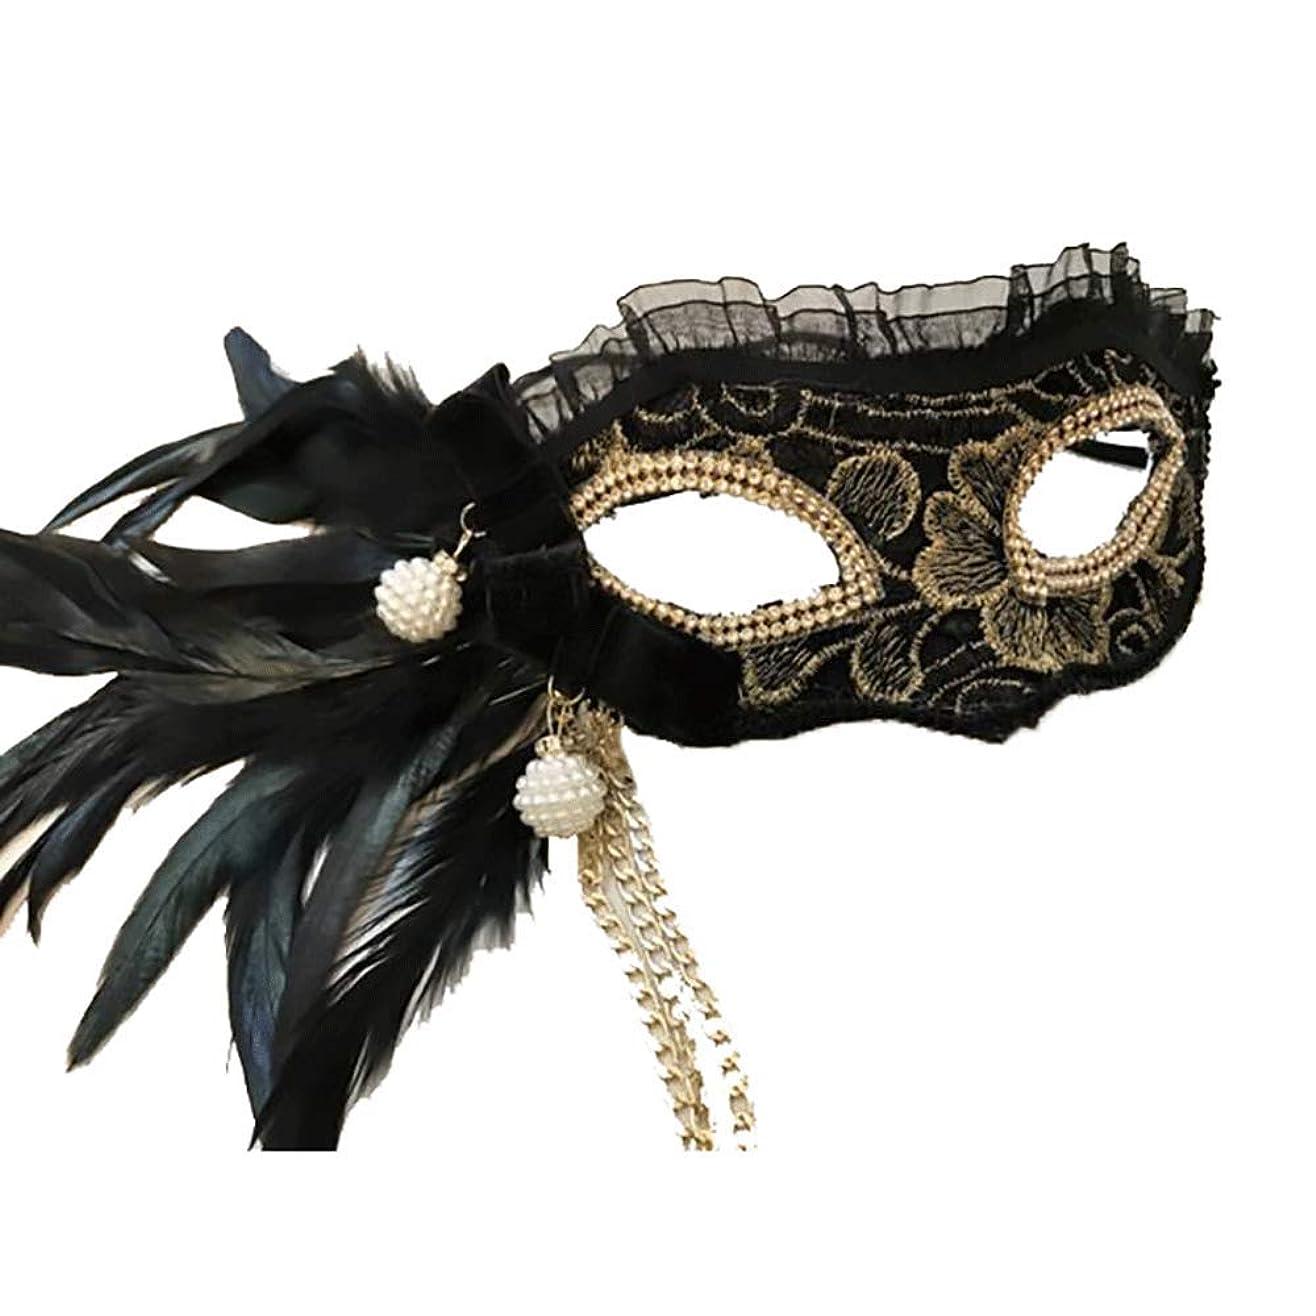 将来の咽頭デンマーク語Nanle ハロウィンクリスマスフェザー刺繍フリンジフラワービーズマスク仮装マスクレディミスプリンセス美容祭パーティーデコレーションマスク (色 : Style A)